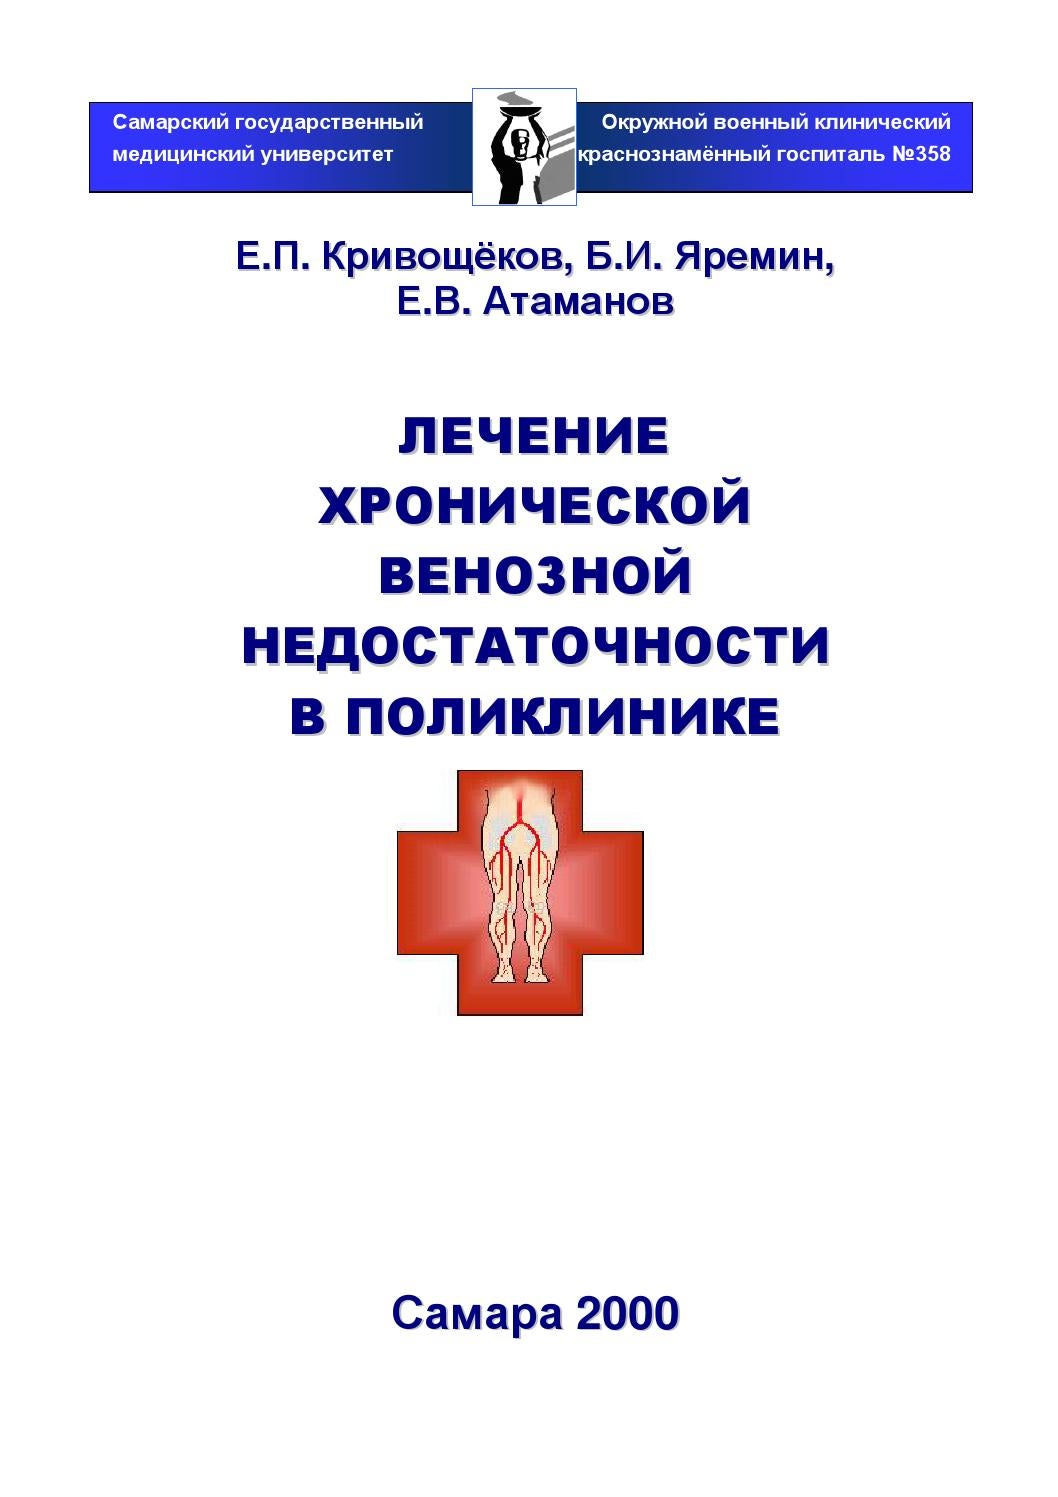 Фибриногенопения фото